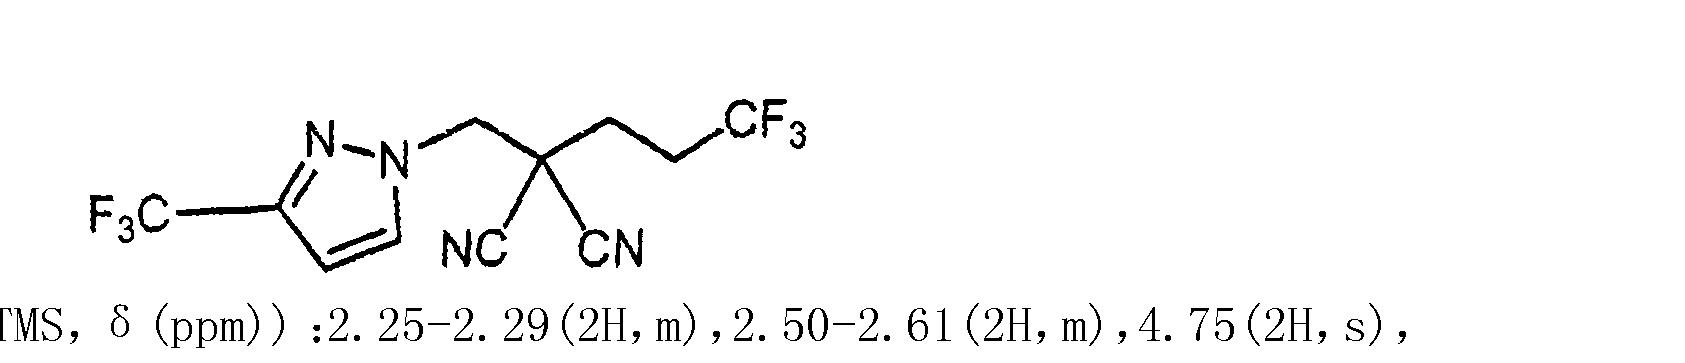 Figure CN101544606BD00333